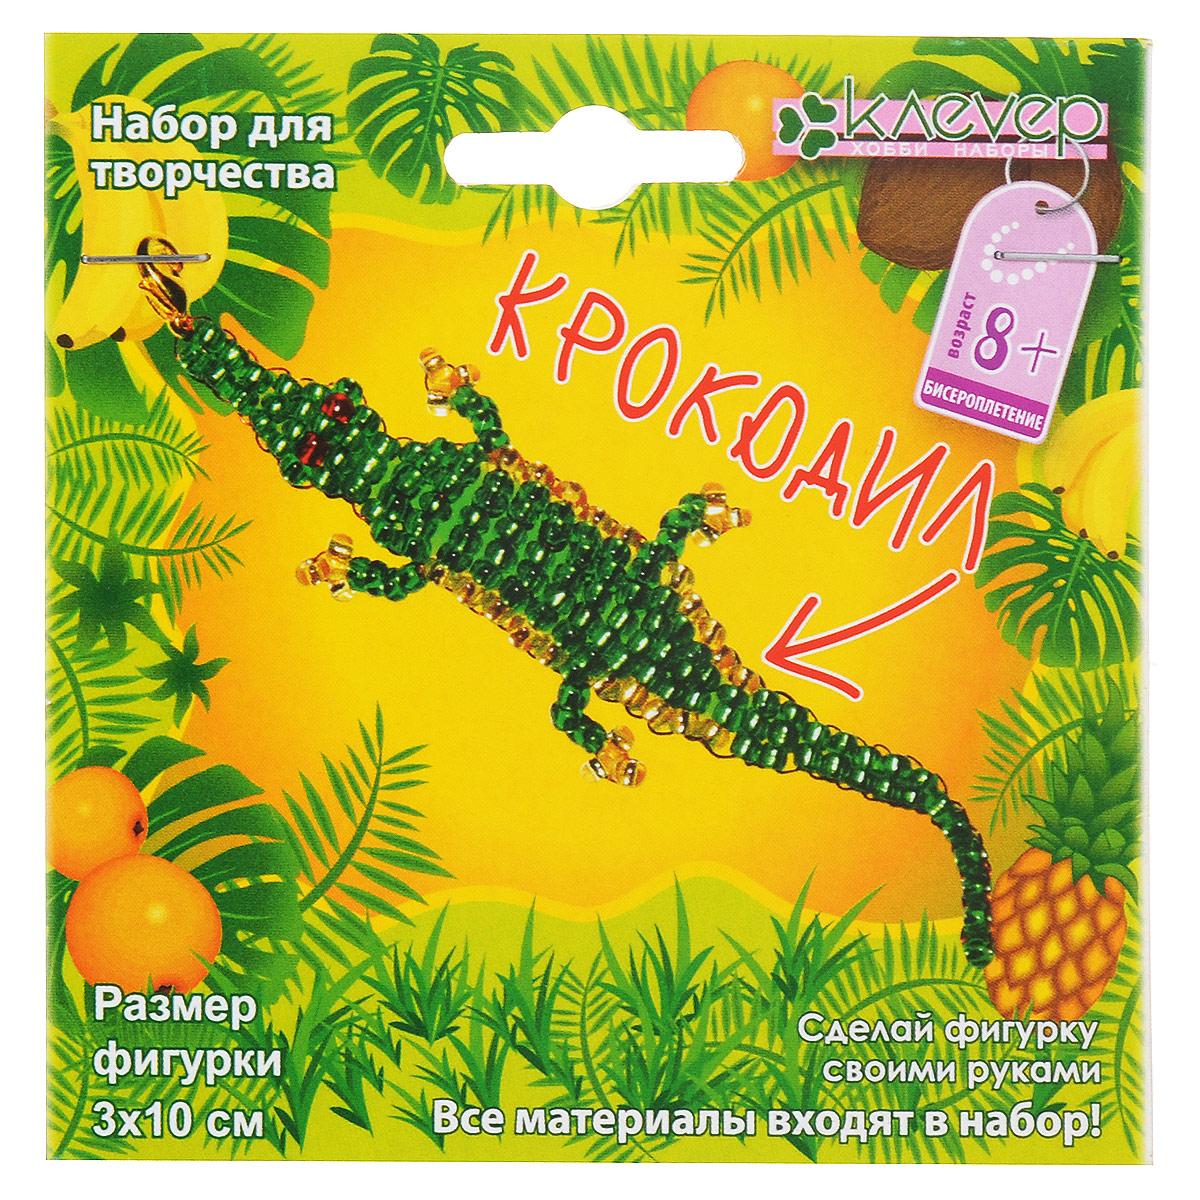 Набор для создания фигурки из бисера КрокодилАА 05-502Набор для создания фигурки из бисера Кролик поможет ребенку познакомиться с основами плетения из бисера и своими руками создать фигурку в виде крокодила. Набор включает в себя цветной бисер, проволоку для бисероплетения и карабин. Инструкция на русском языке расположена на внутренней стороне упаковки. Несложный процесс бисероплетения принесет ребенку удовольствие, поможет развить мелкую моторику, творческое мышление и воображение, а самодельная фигурка станет замечательным талисманом или красивым подарком на любой праздник. Бисероплетение - один из самых старинных видов рукоделия, известных с того времени, когда в Африке зародилось человечество. Различные техники, существующие в бисероплетении, позволяют создать уникальные изящные изделия. Бисероплетение - это занимательное хобби, реализация творческих способностей, возможность создания неповторимого индивидуального подарка.